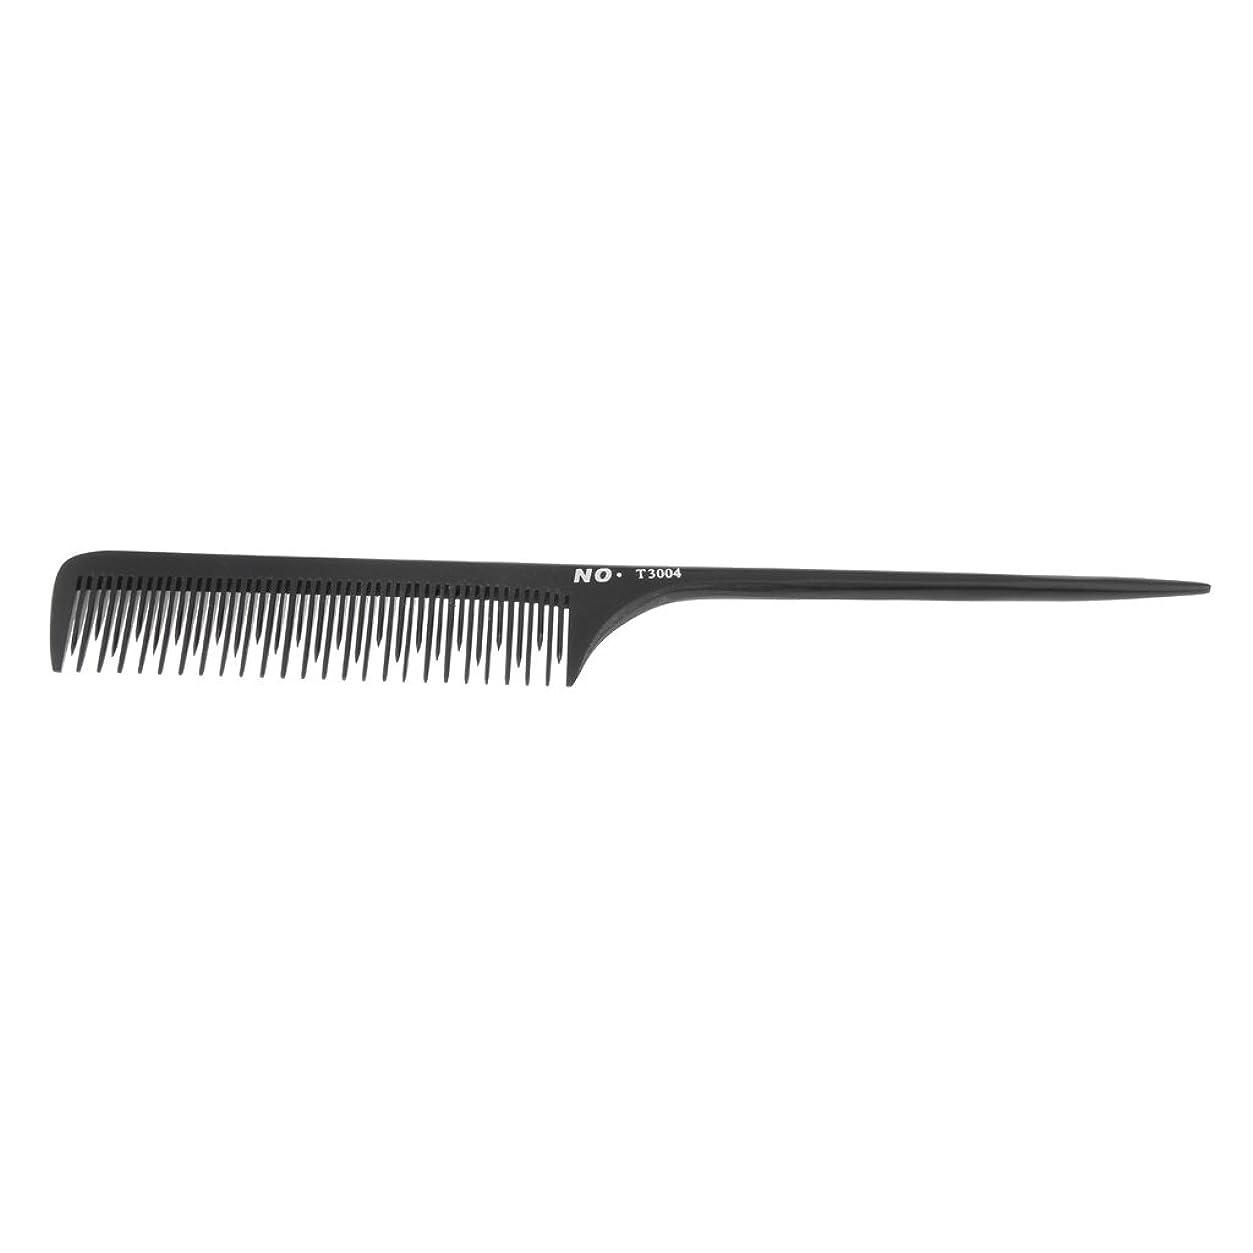 アスレチック敬な許可するHomyl サロン 理髪師 ヘアスタイリング 櫛 テールコーム ヘアコーム ヘアブラシ プロ 2タイプ選べ - t3004